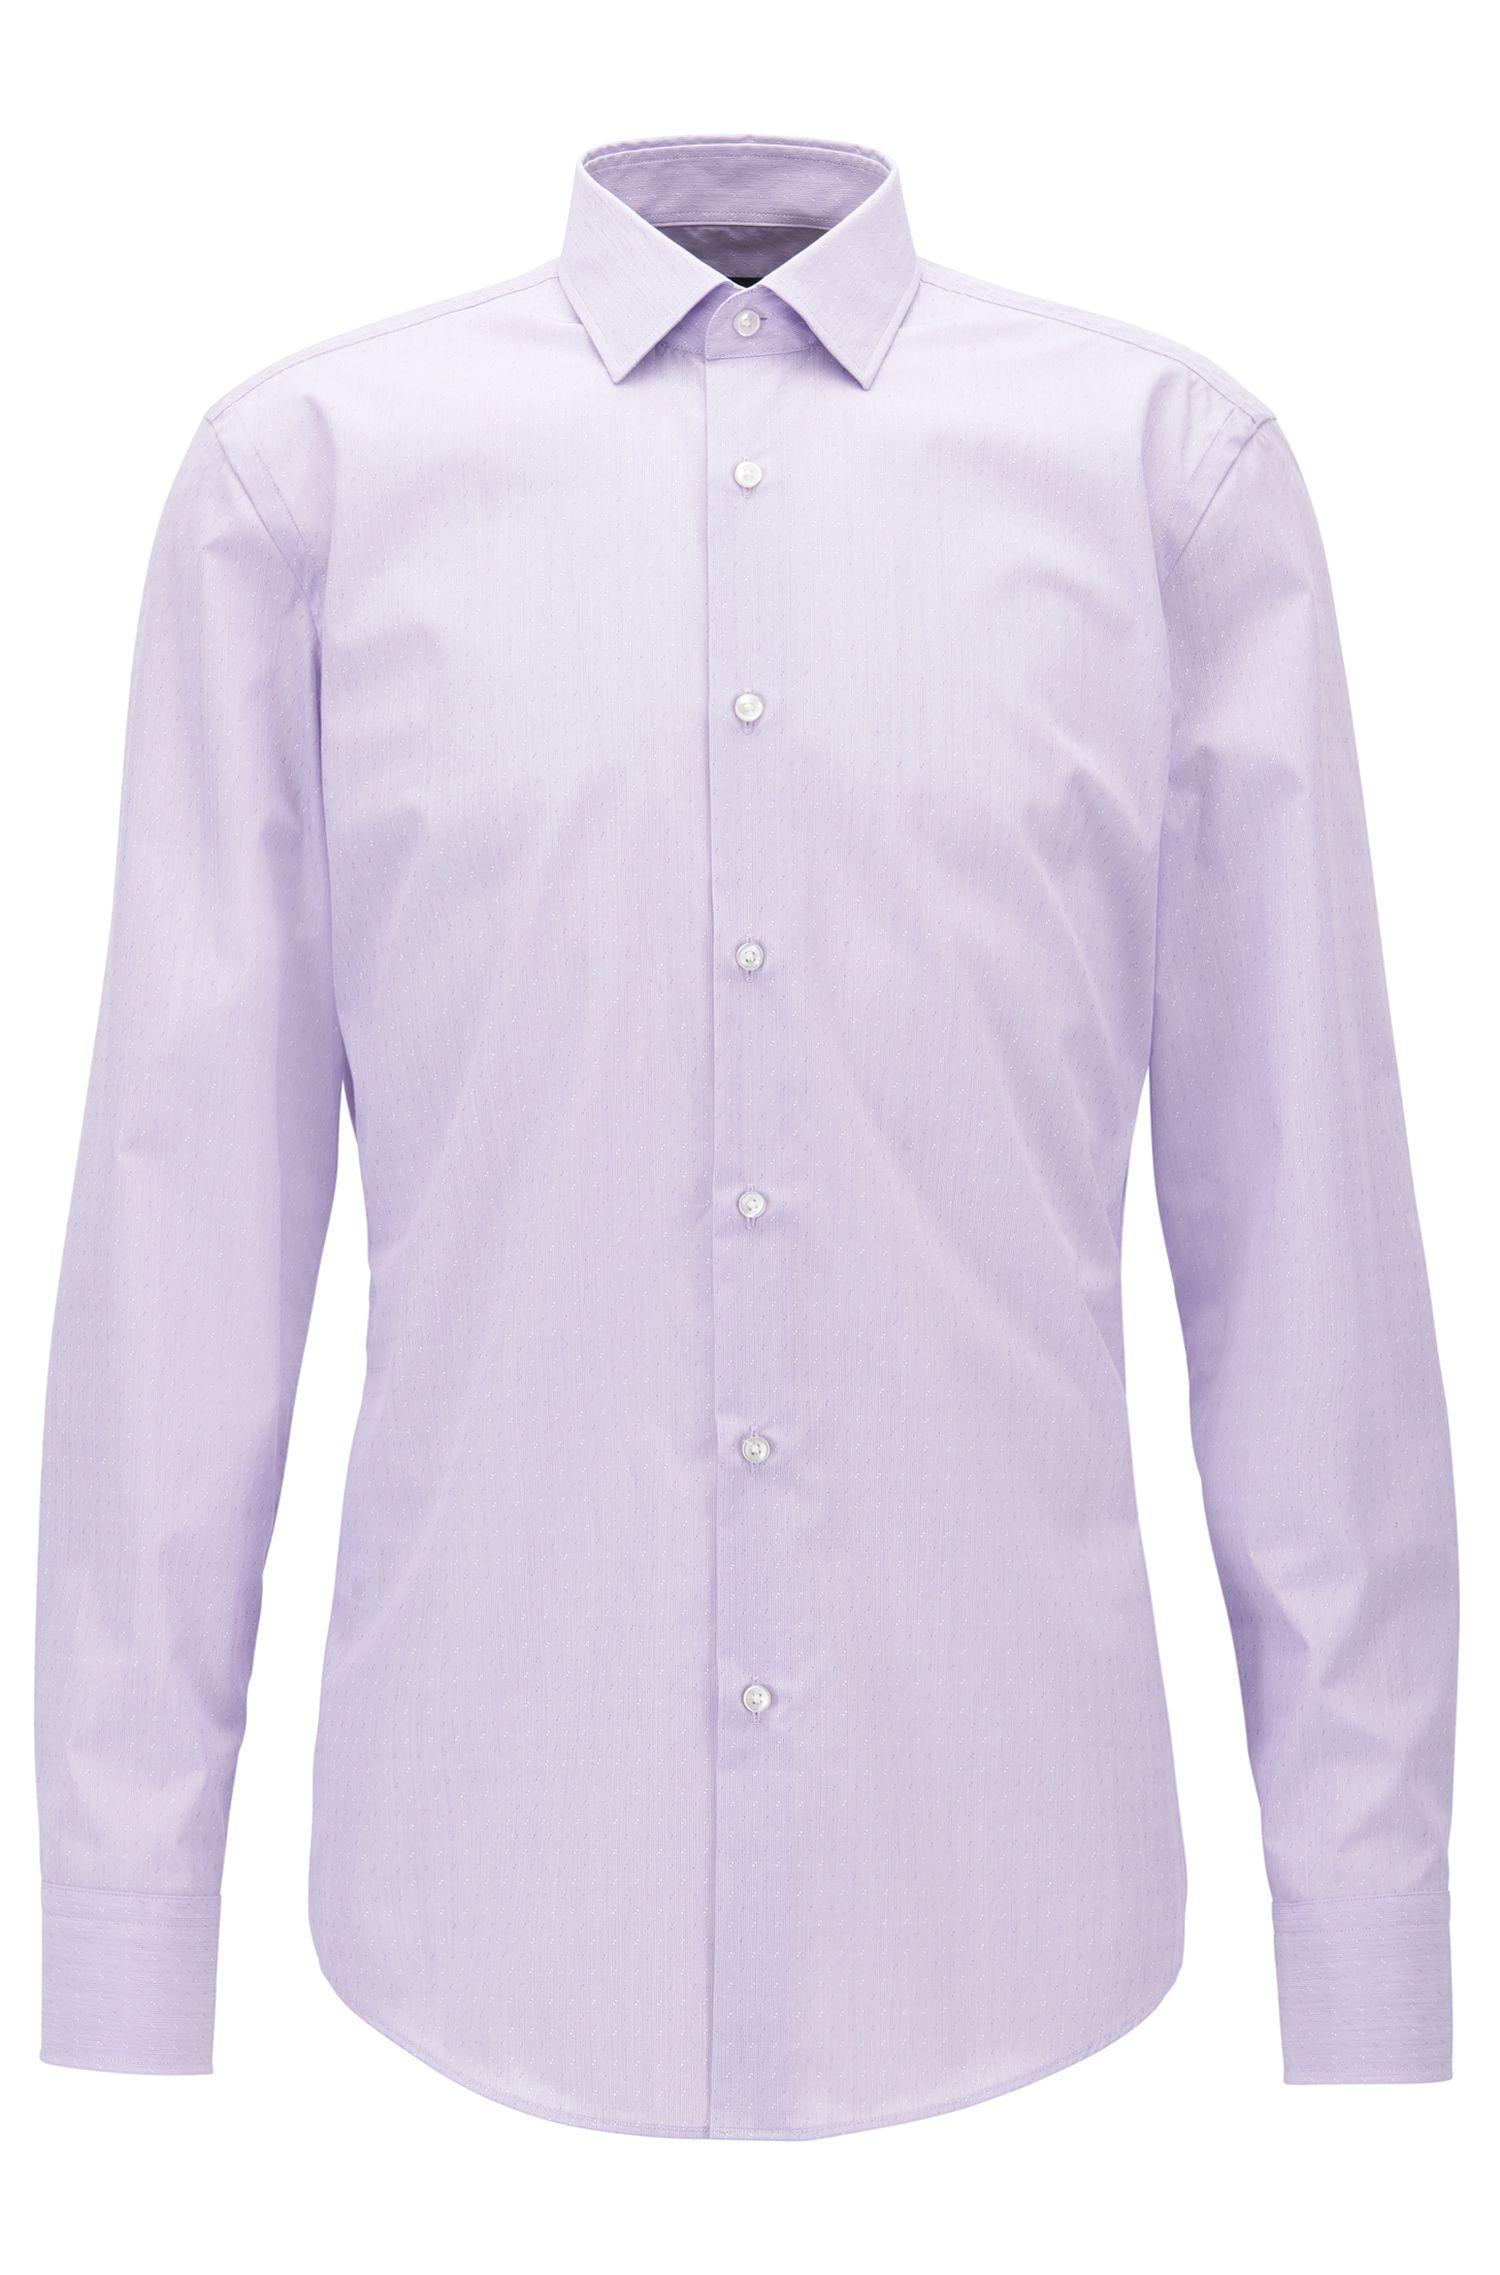 Slim-fit overhemd van Egyptische katoen met afwisselend dobbydessin